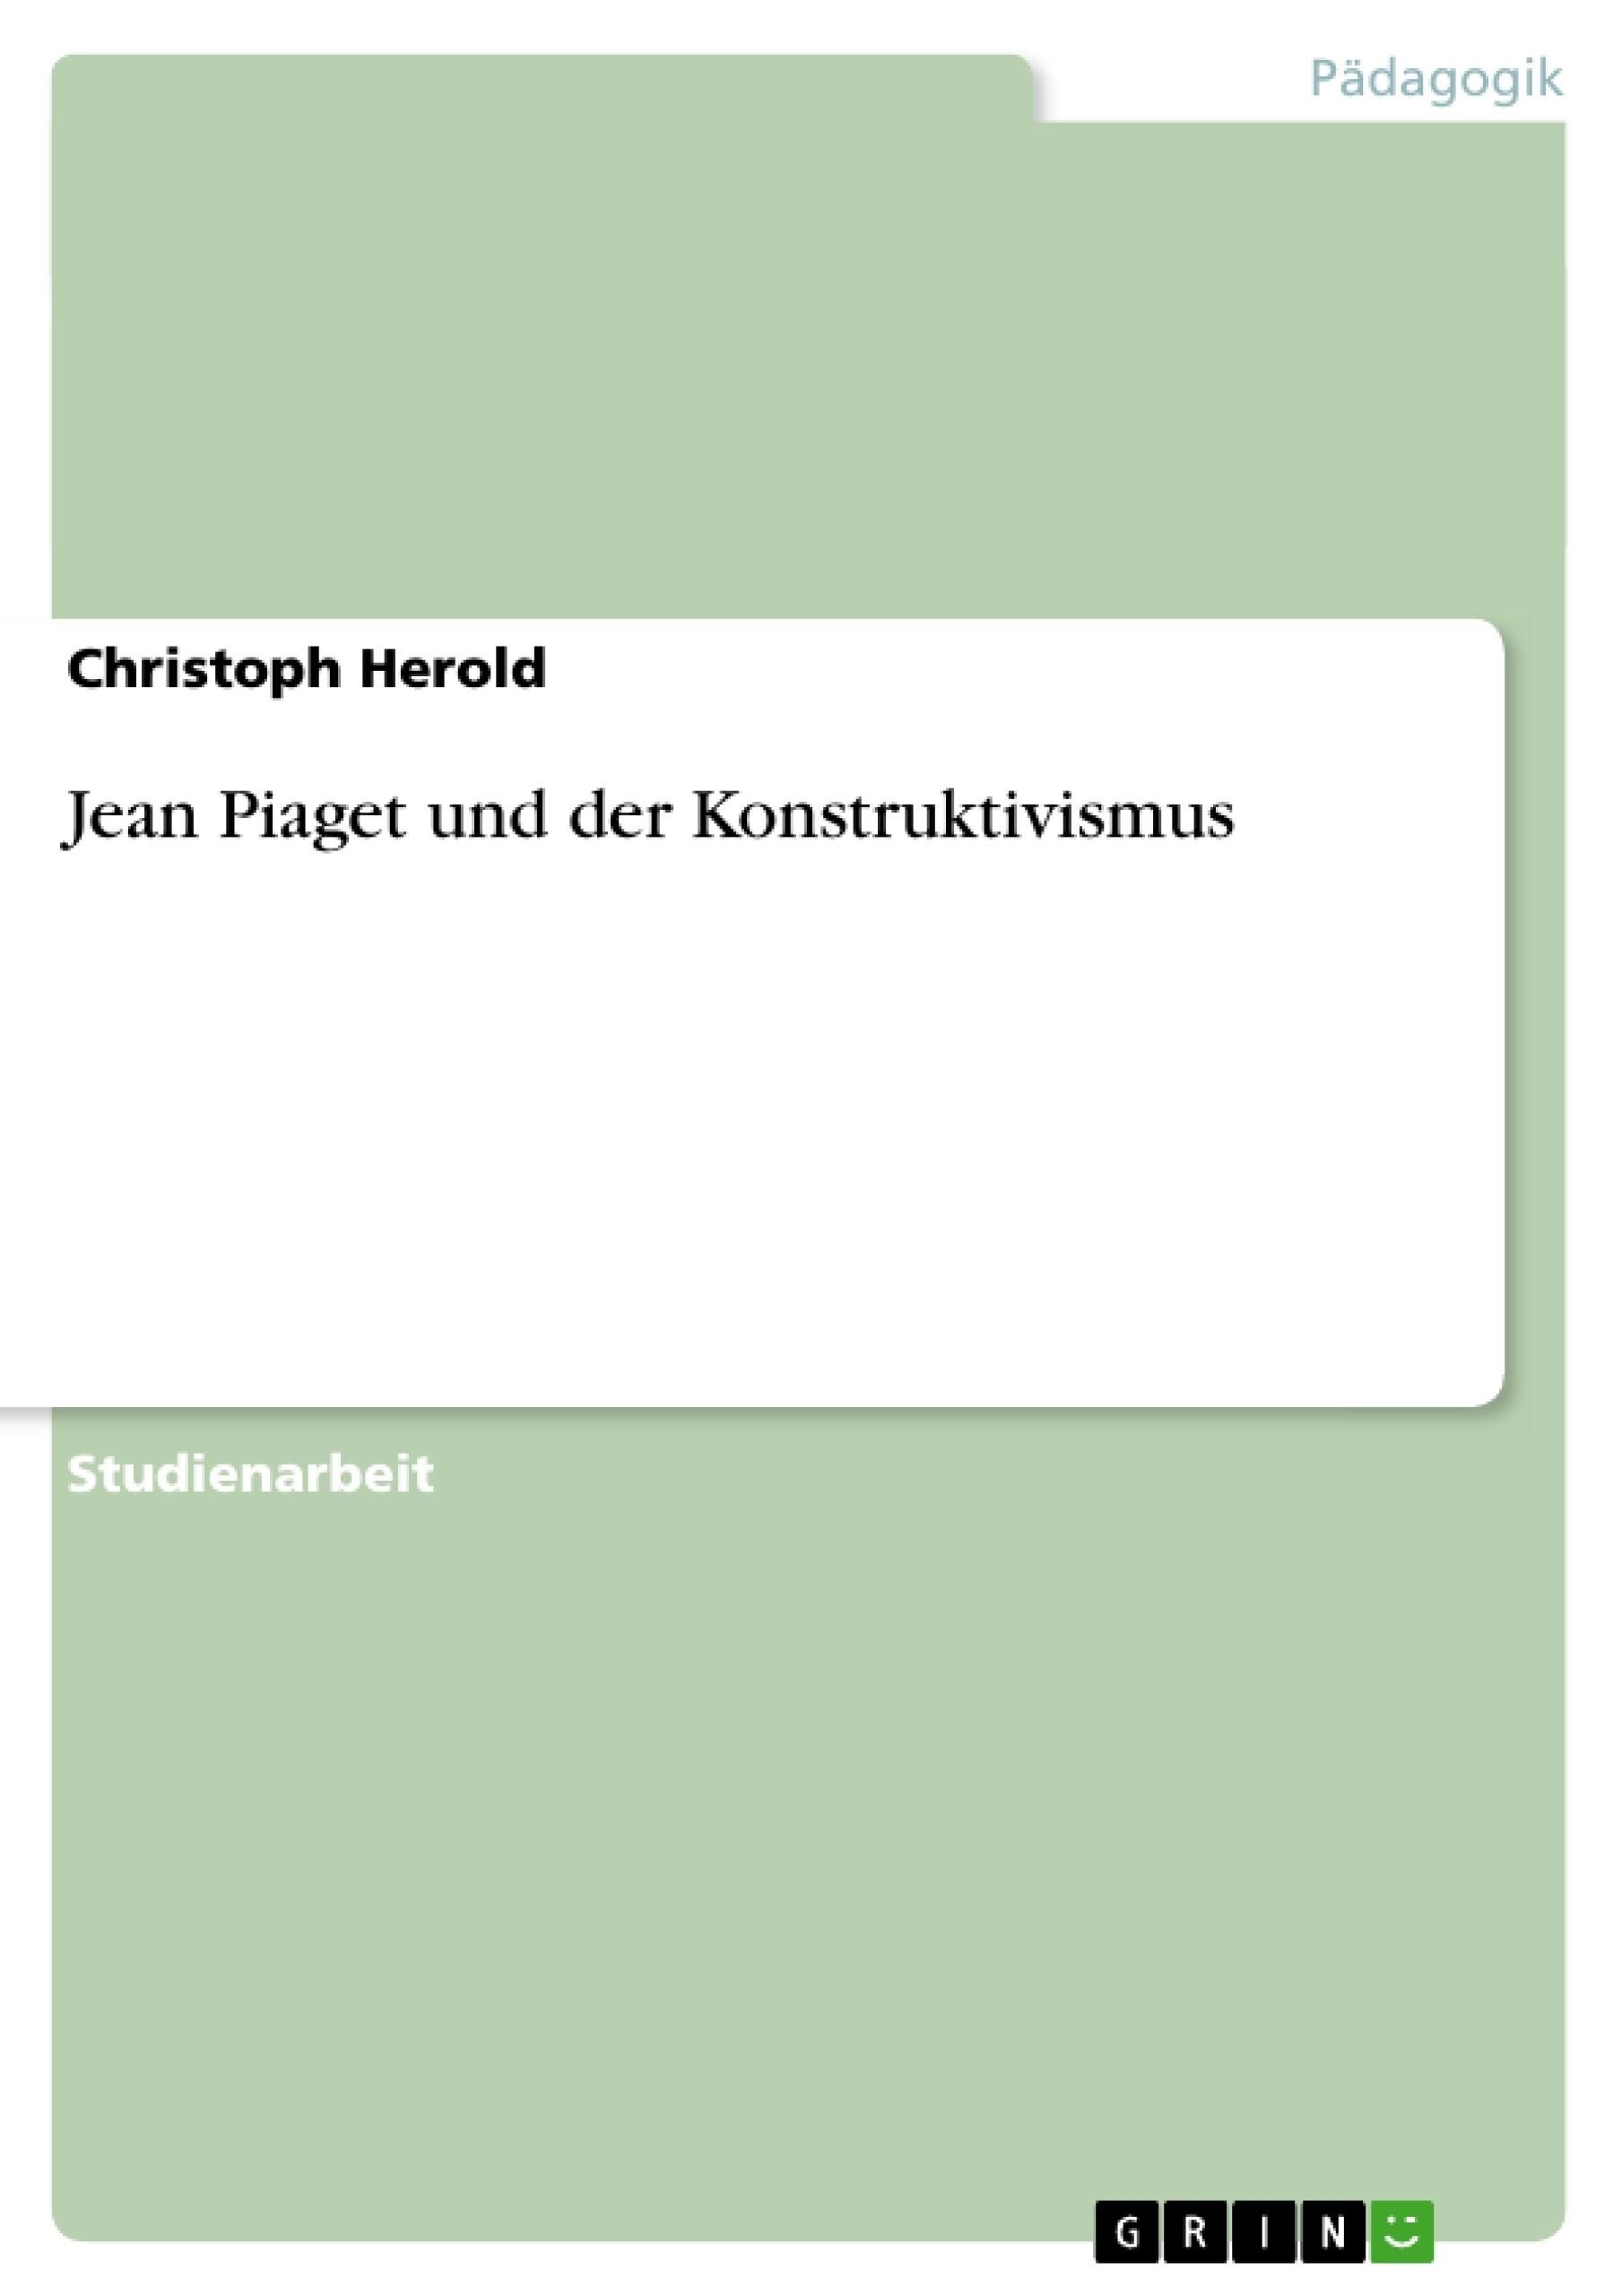 Titel: Jean Piaget und der Konstruktivismus